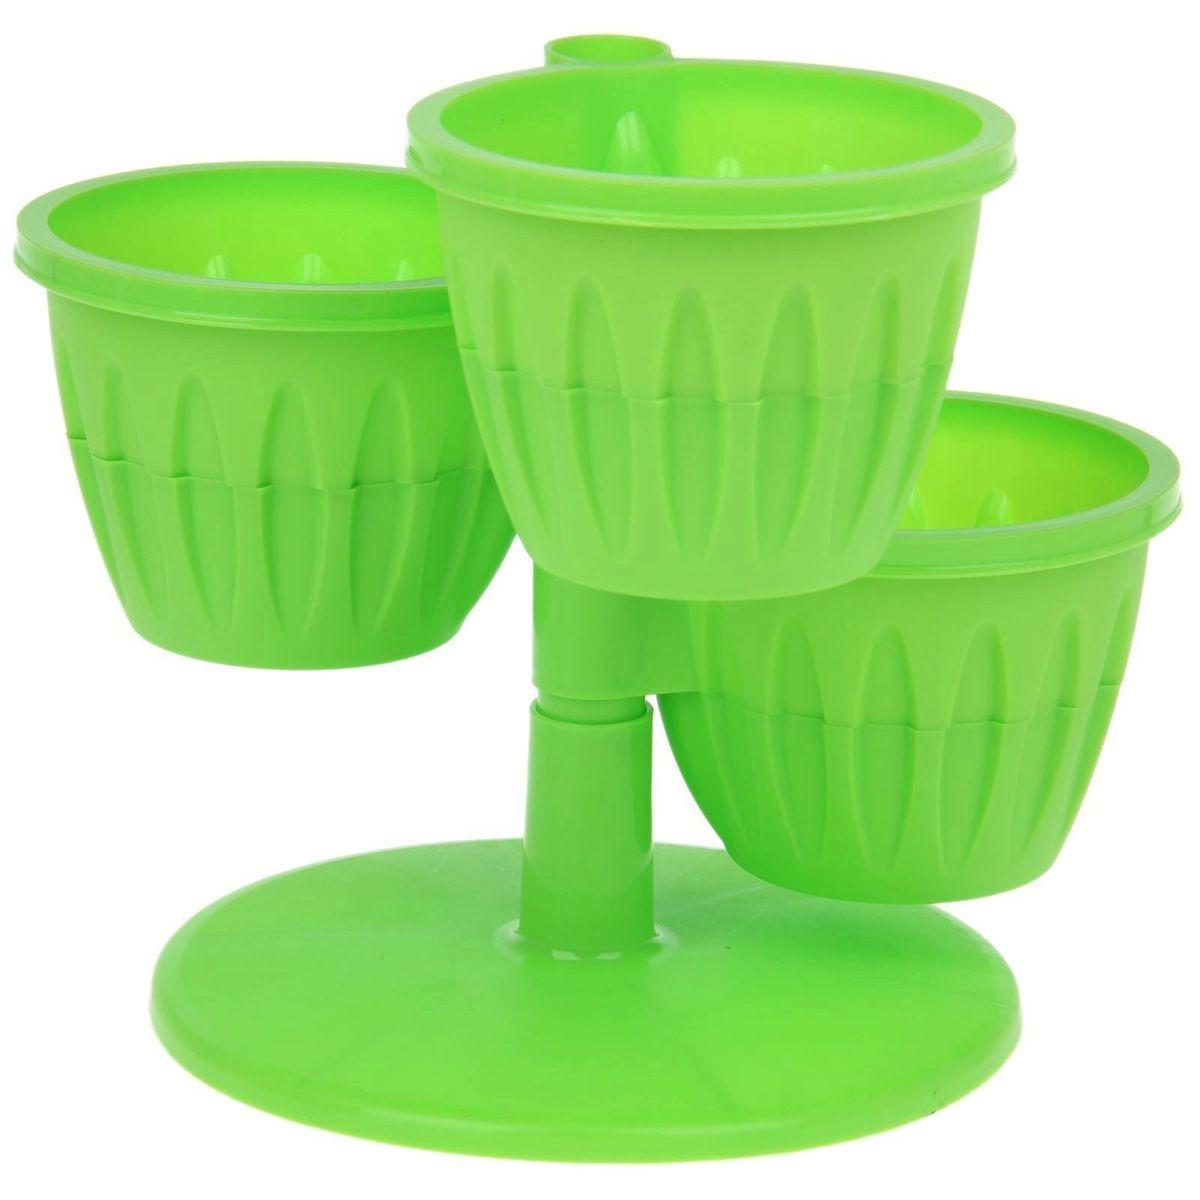 Каскад цветочный JetPlast Каскад, с подставкой, цвет: зеленый, высота 23 см4612754051144Цветочный каскад JetPlast Каскад состоит из трех горшков, установленных на одну подставку. Каждый горшок состоит из двух частей: в верхнюю высаживается растение, а нижняя часть используется как резервуар для воды. Цветочный каскад позволяет вам эффективно использовать площадь подоконника для высадки растений.Высота каскада: 23 см. Диаметр горшка по верхнему краю: 13,5 см. Диаметр дна горшка: 7,8 см. Высота горшка: 10 см.